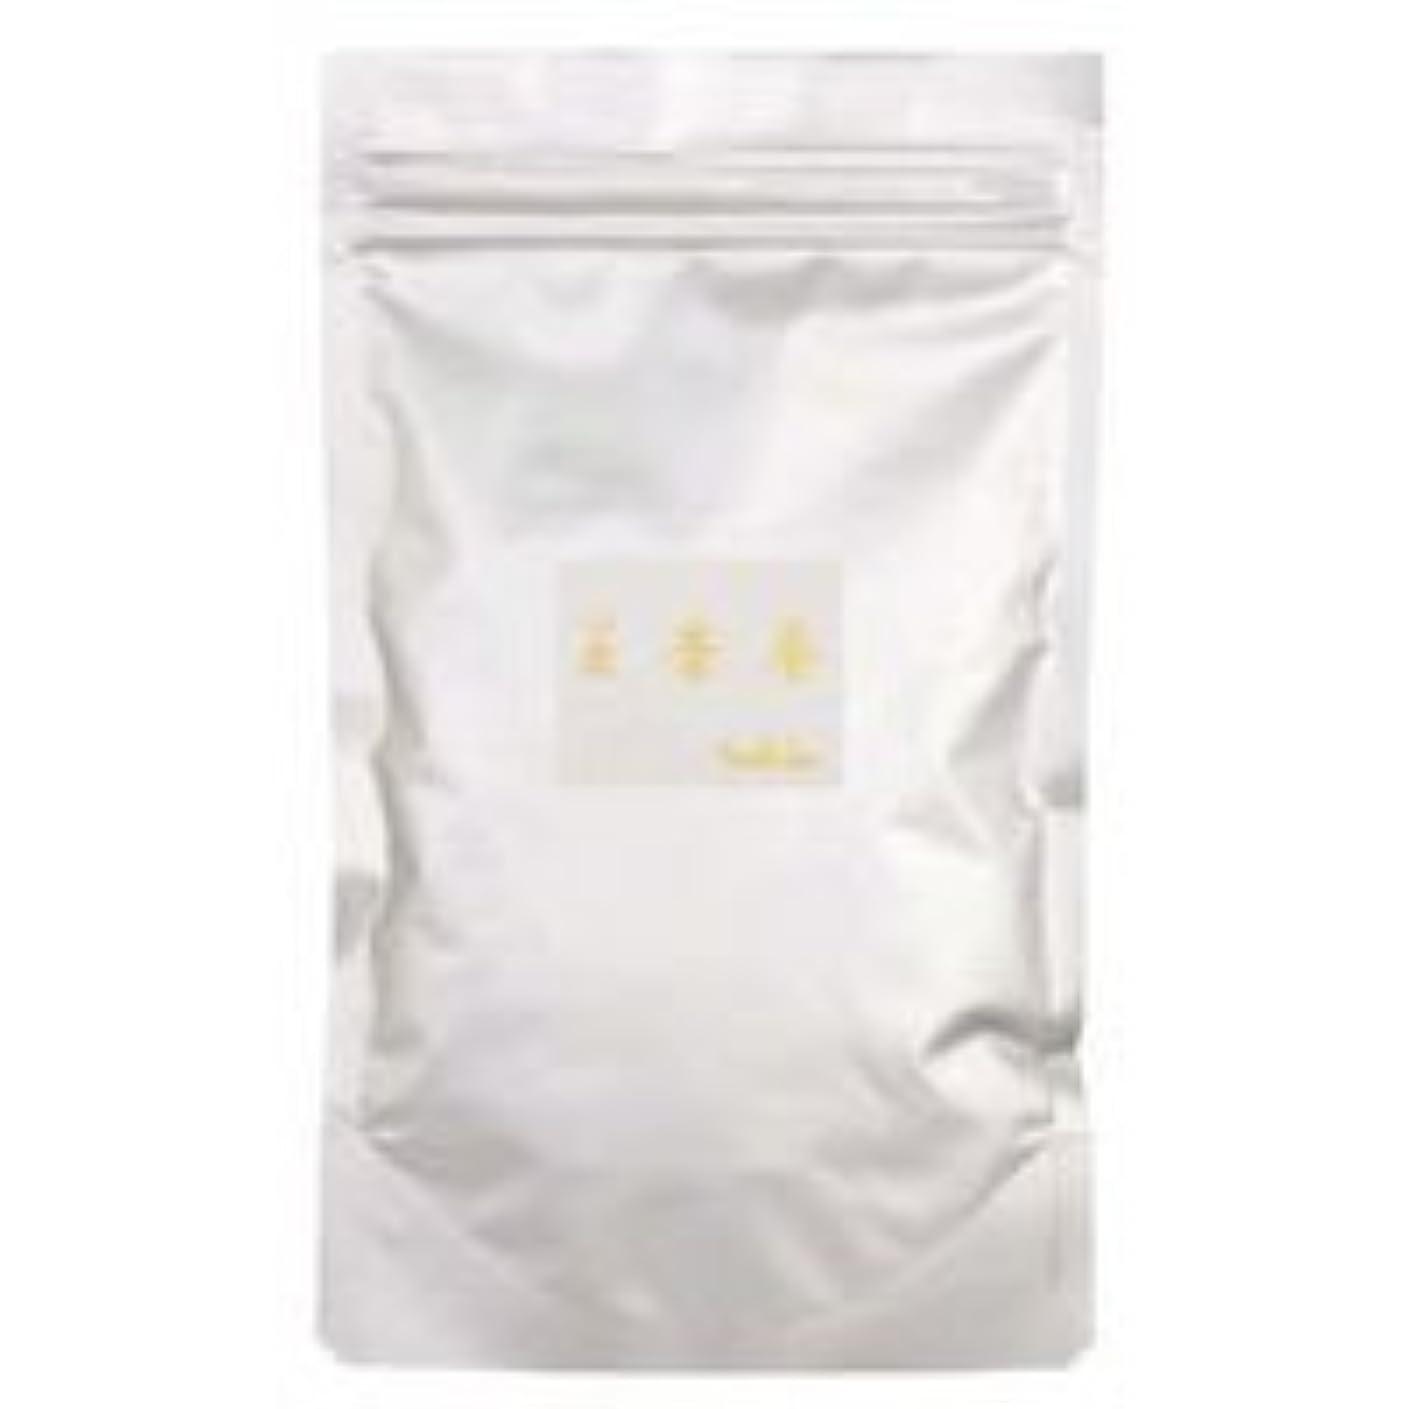 ウール威する胚芽美杏香浴用ハーミット 700g